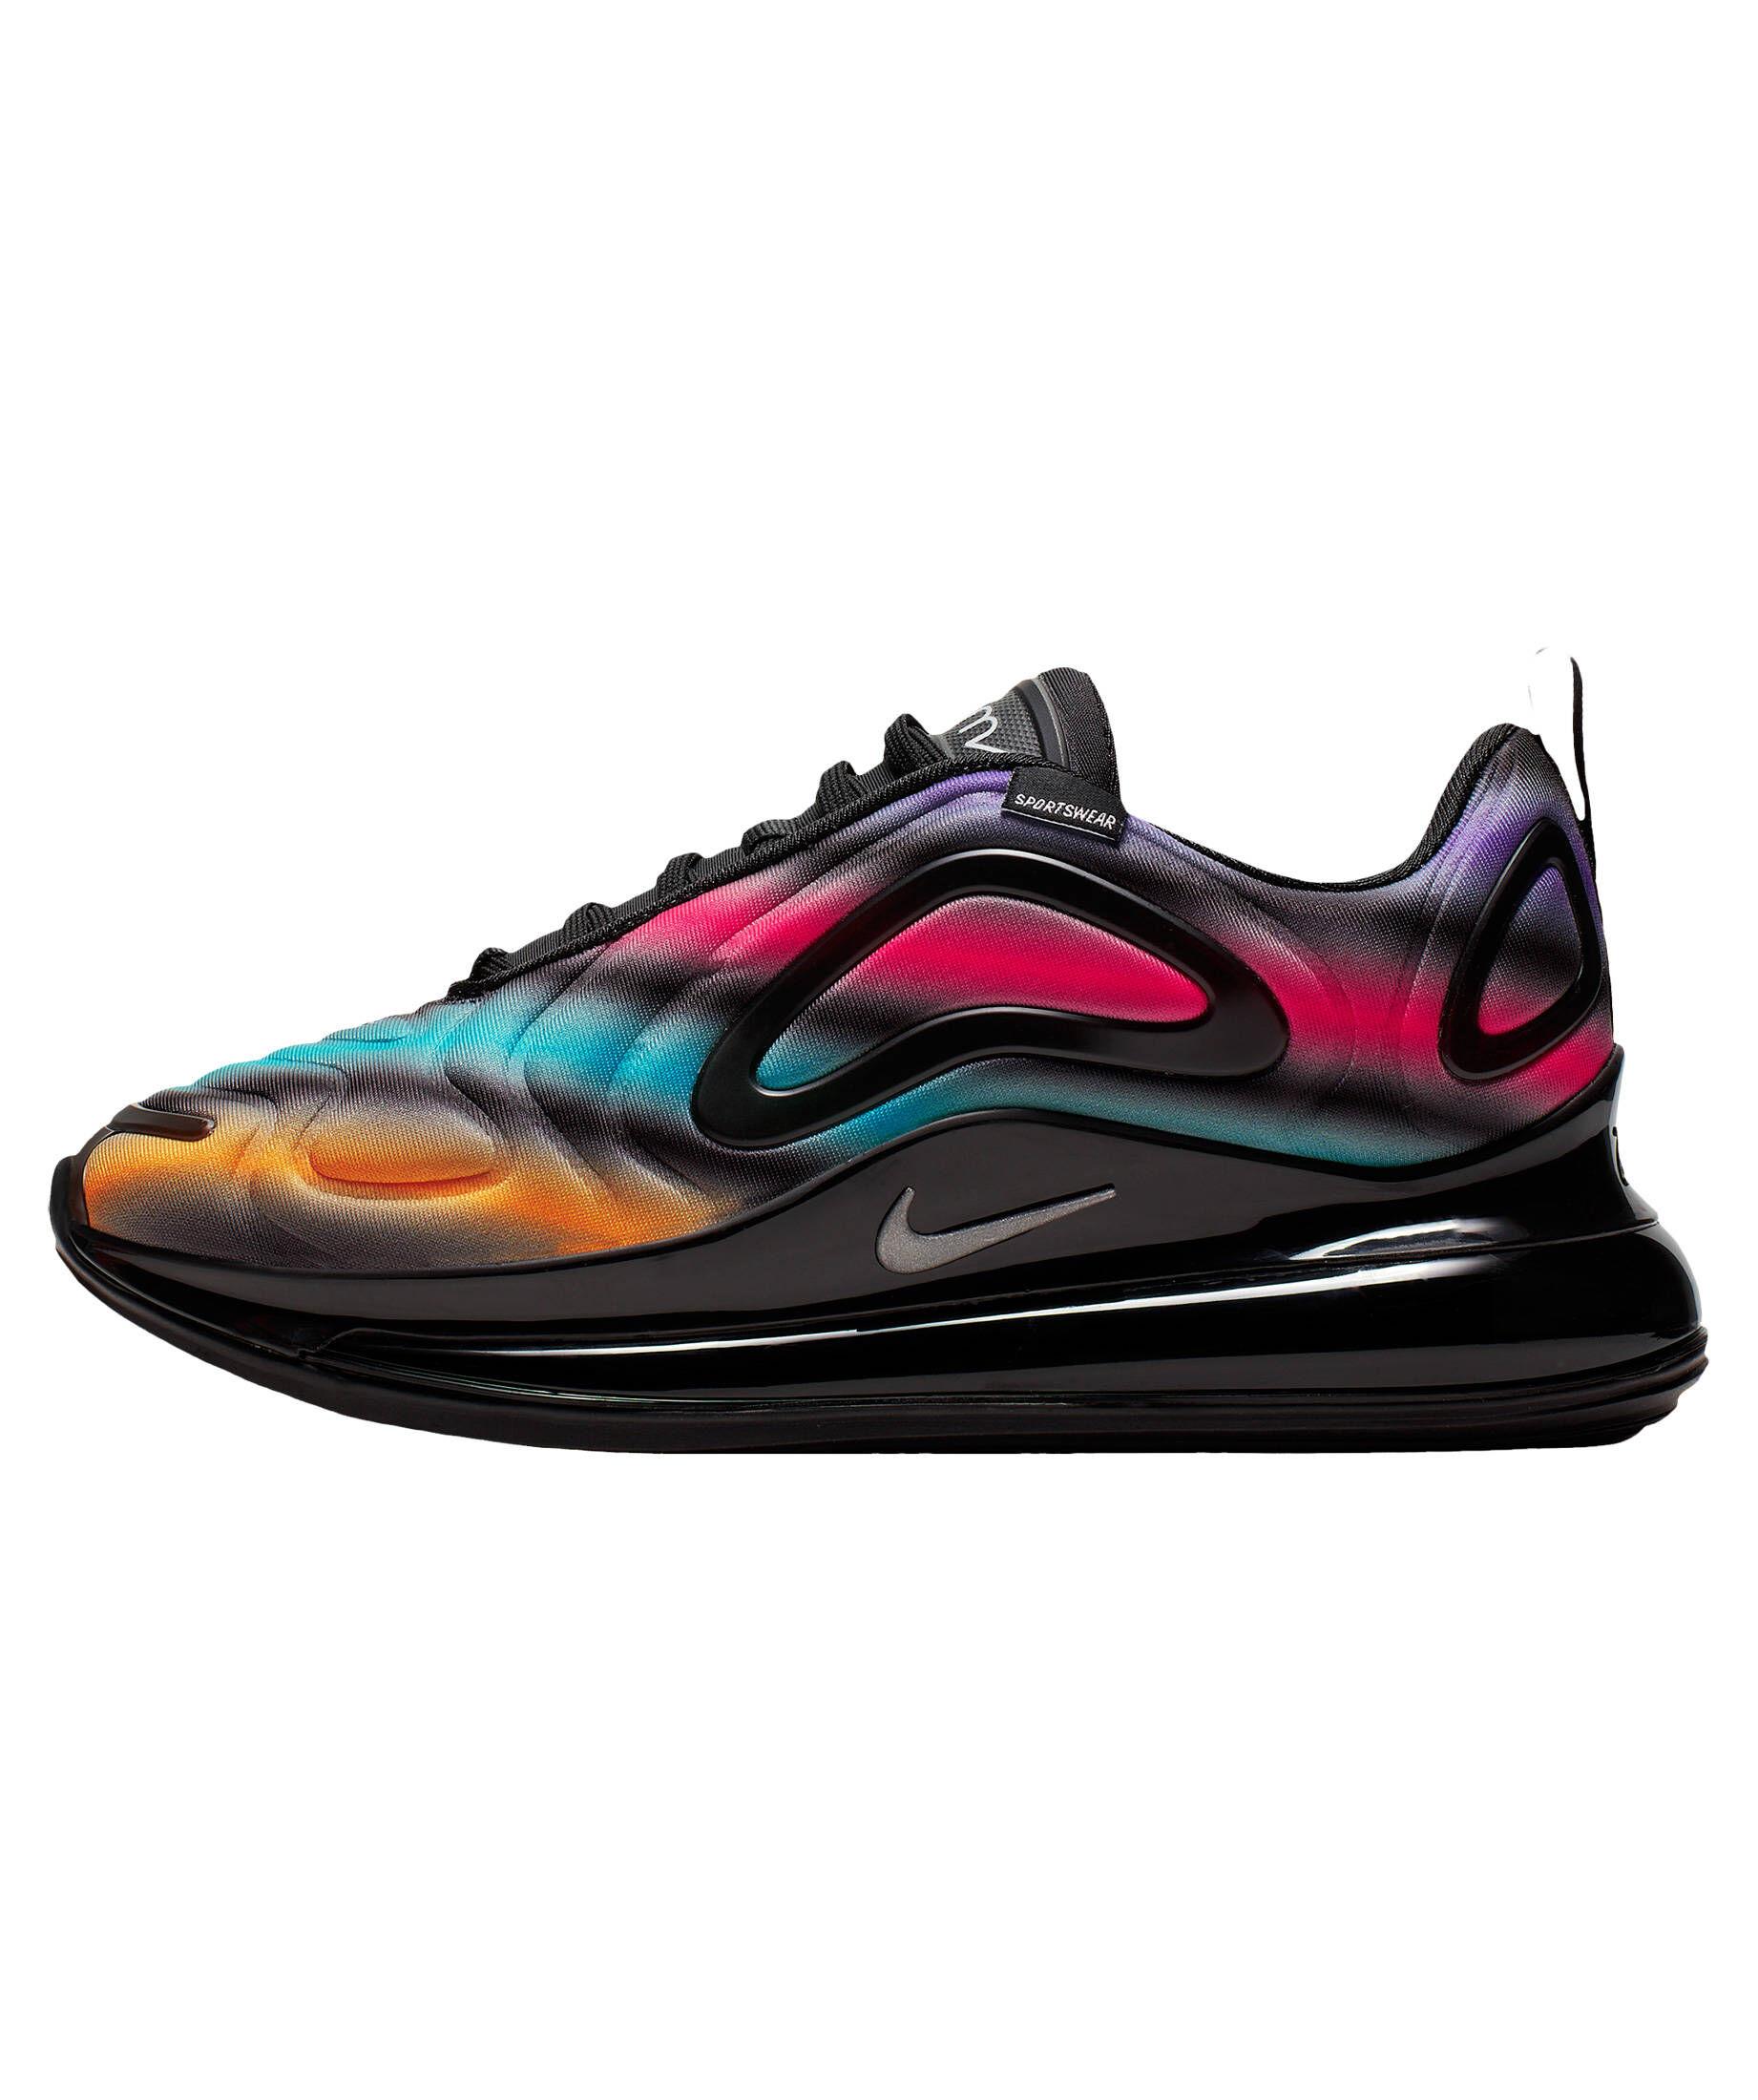 Nike Air Max Graviton Women ab 56,99 €   Preisvergleich bei